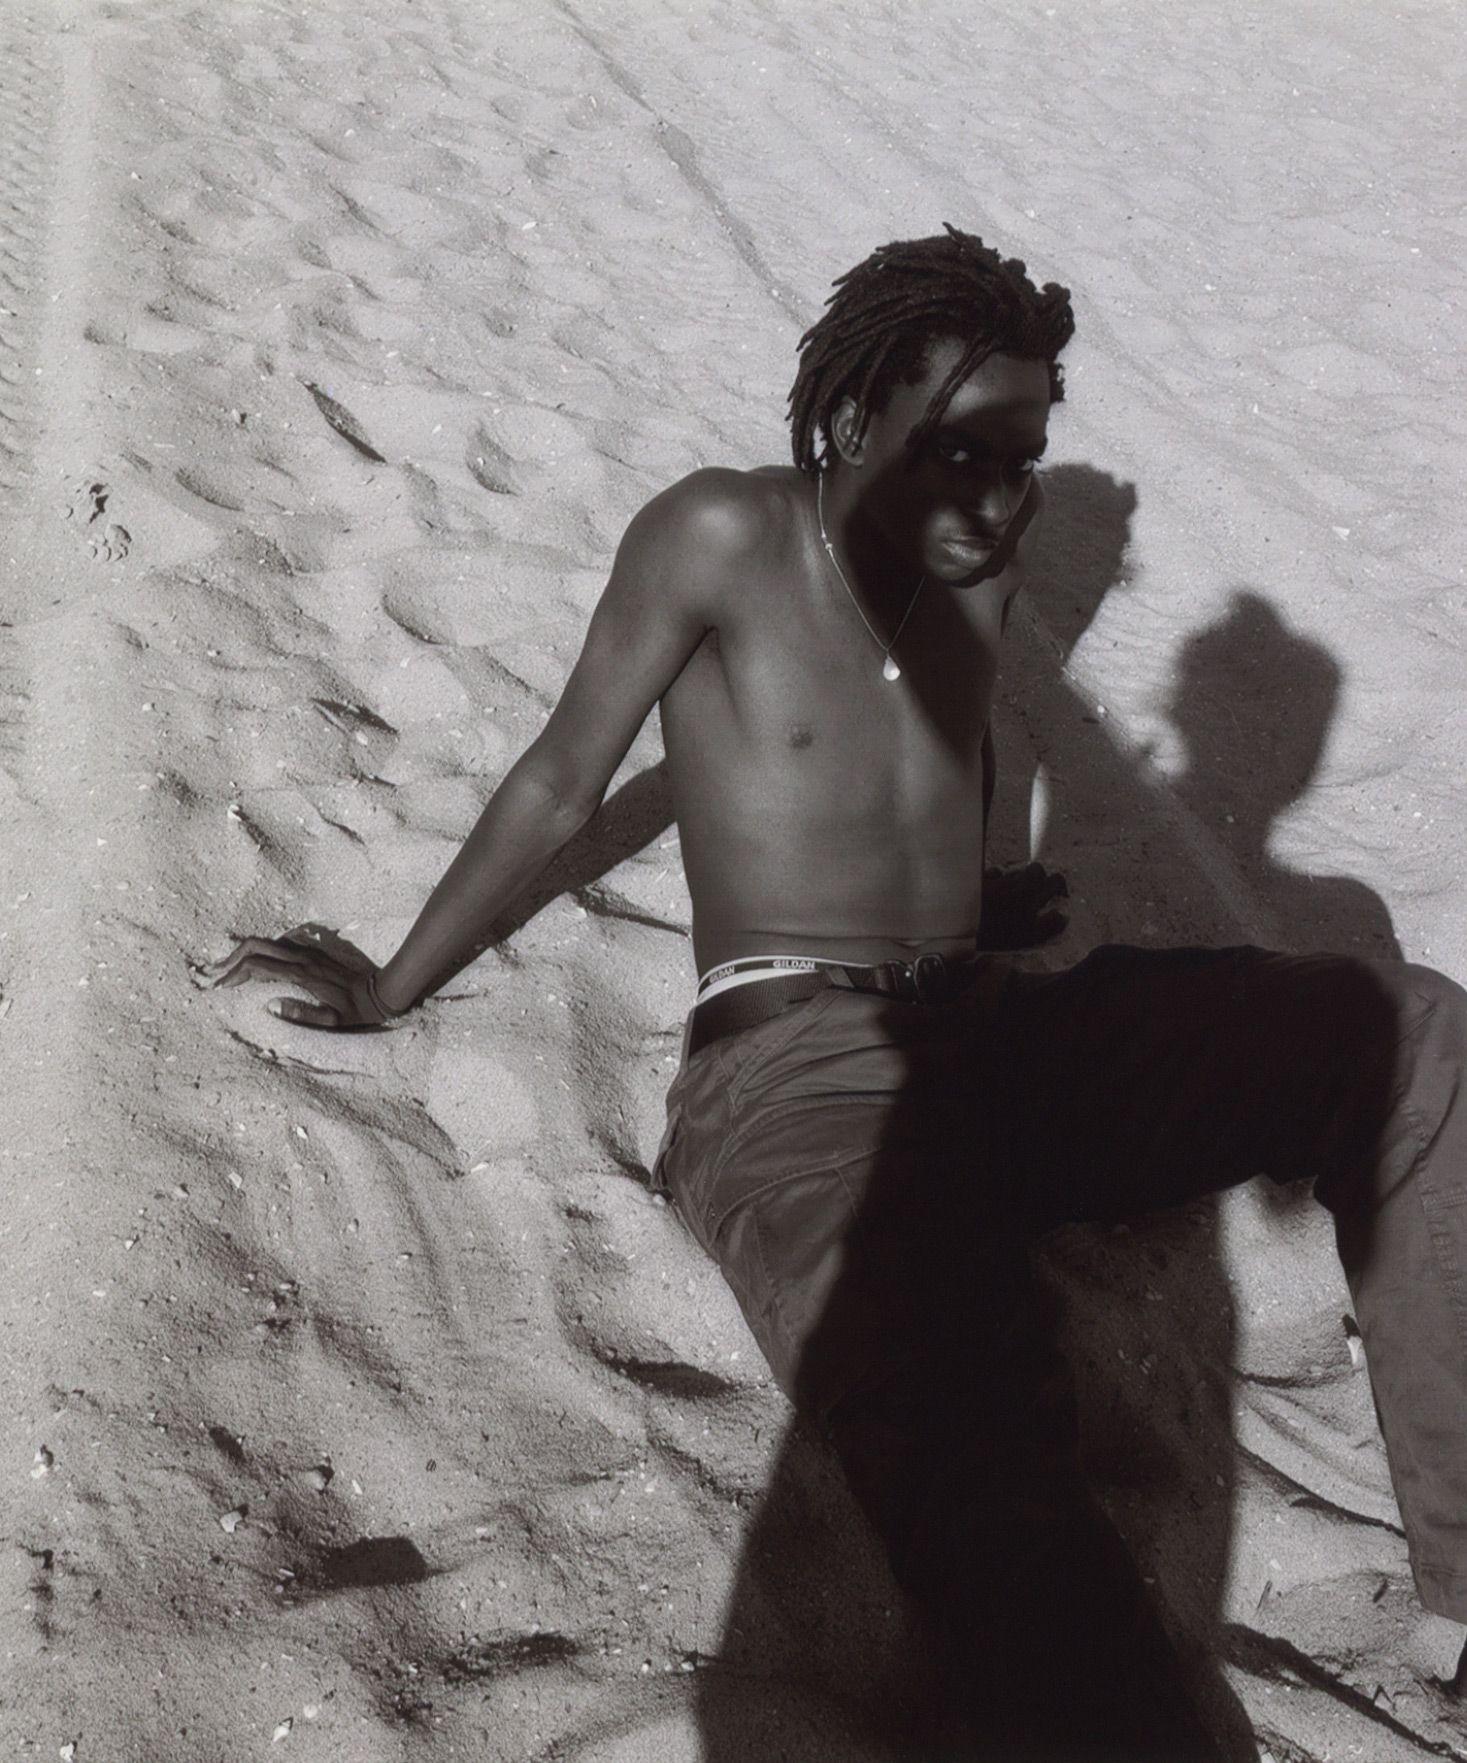 homme noir assis dans le sable penché en arrière et se soutenant avec ses mains l'ombre de la photographe sur lui par Oumayma B. Tanfous pour DAZED